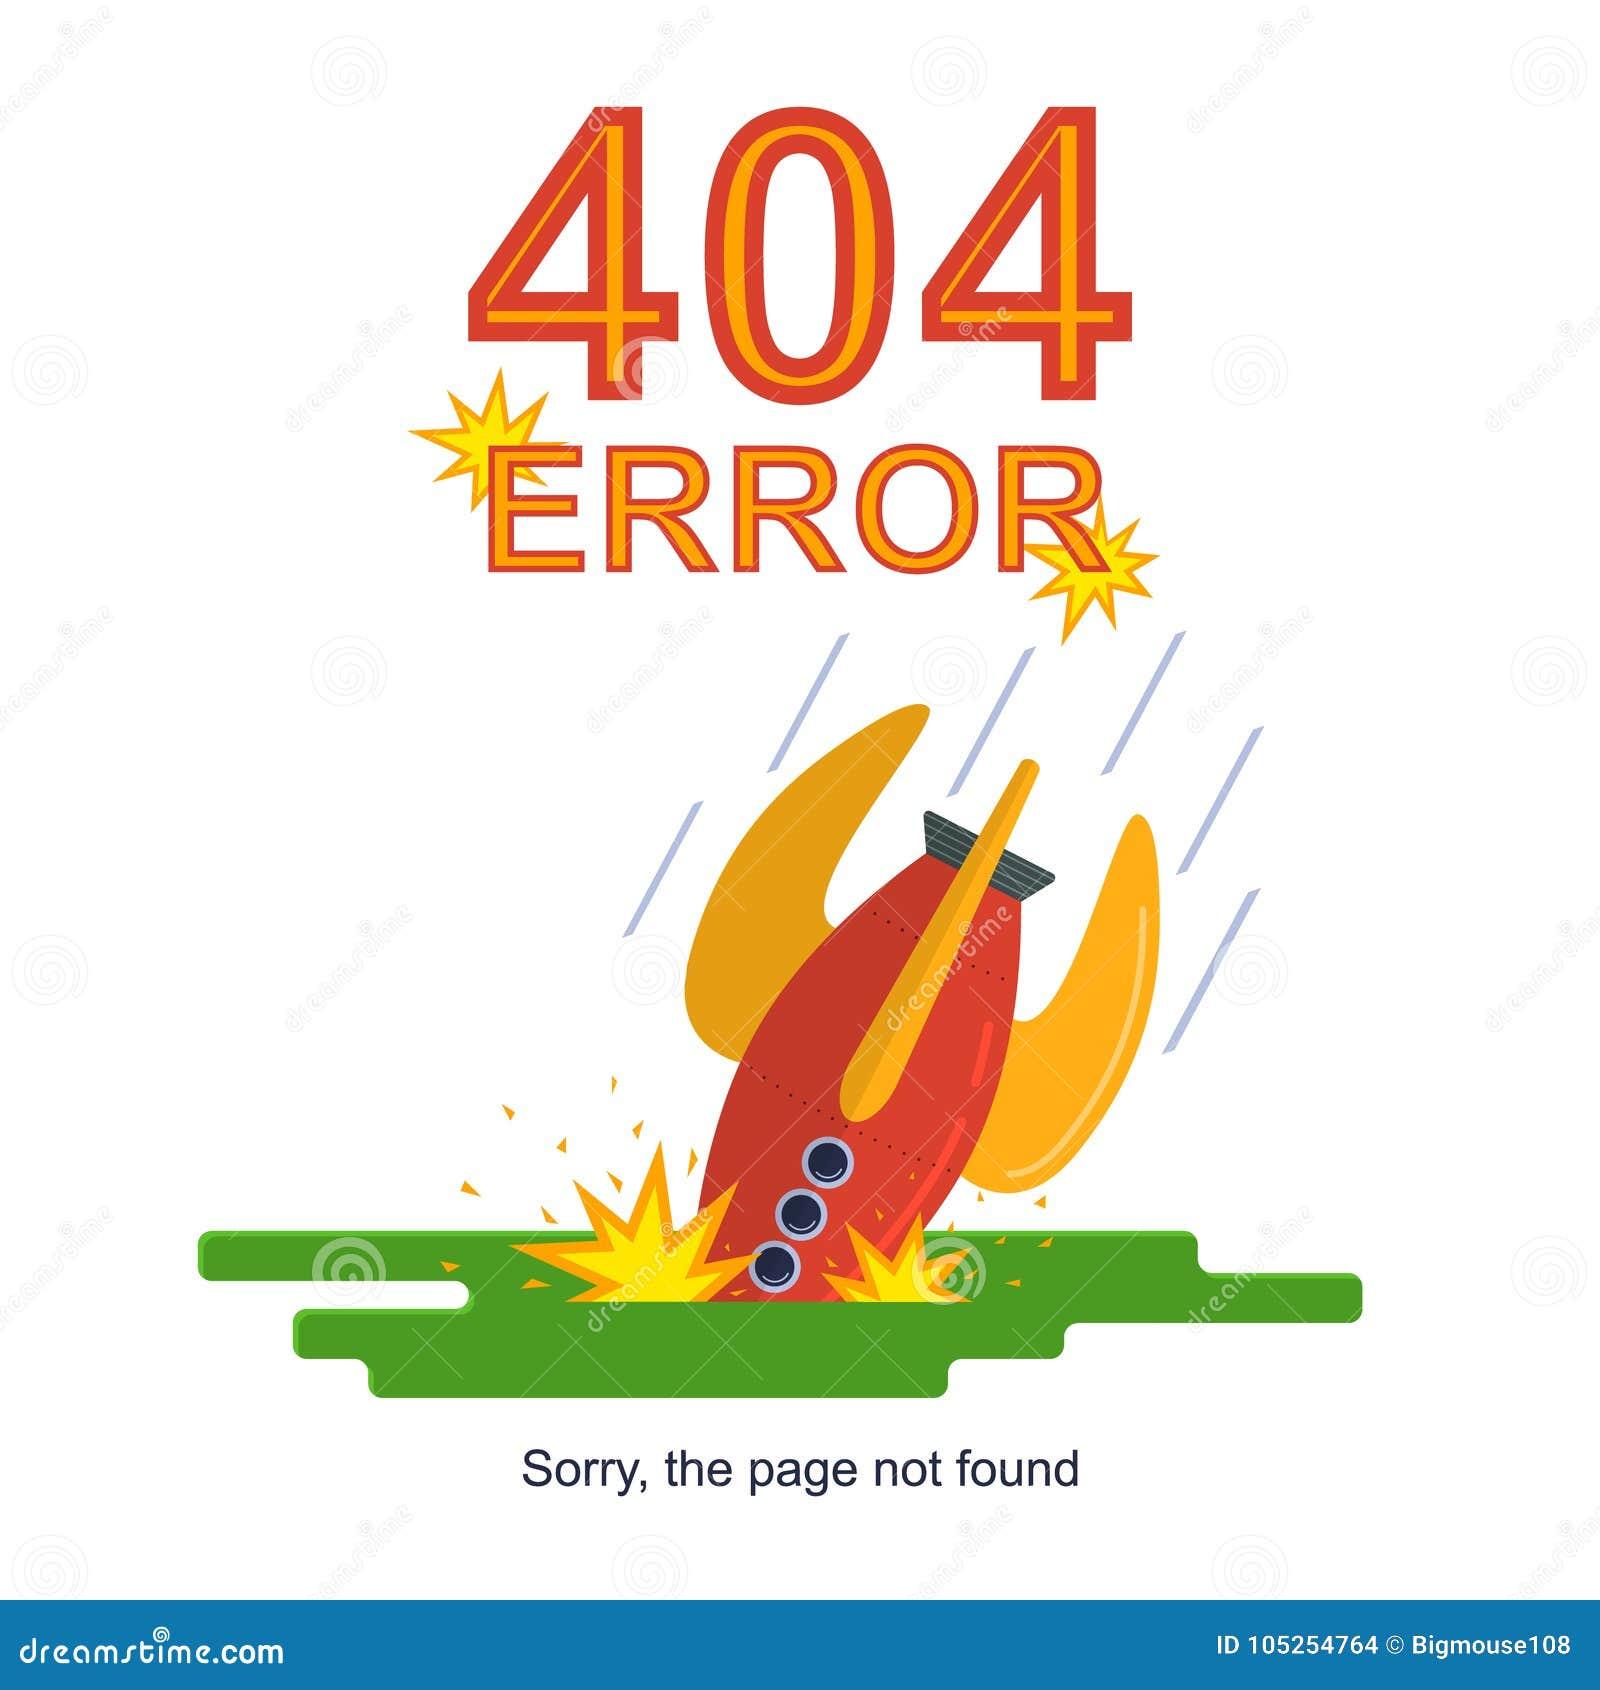 Rocket Missile Crashed Error Not encontrou o cartão do conceito Vetor